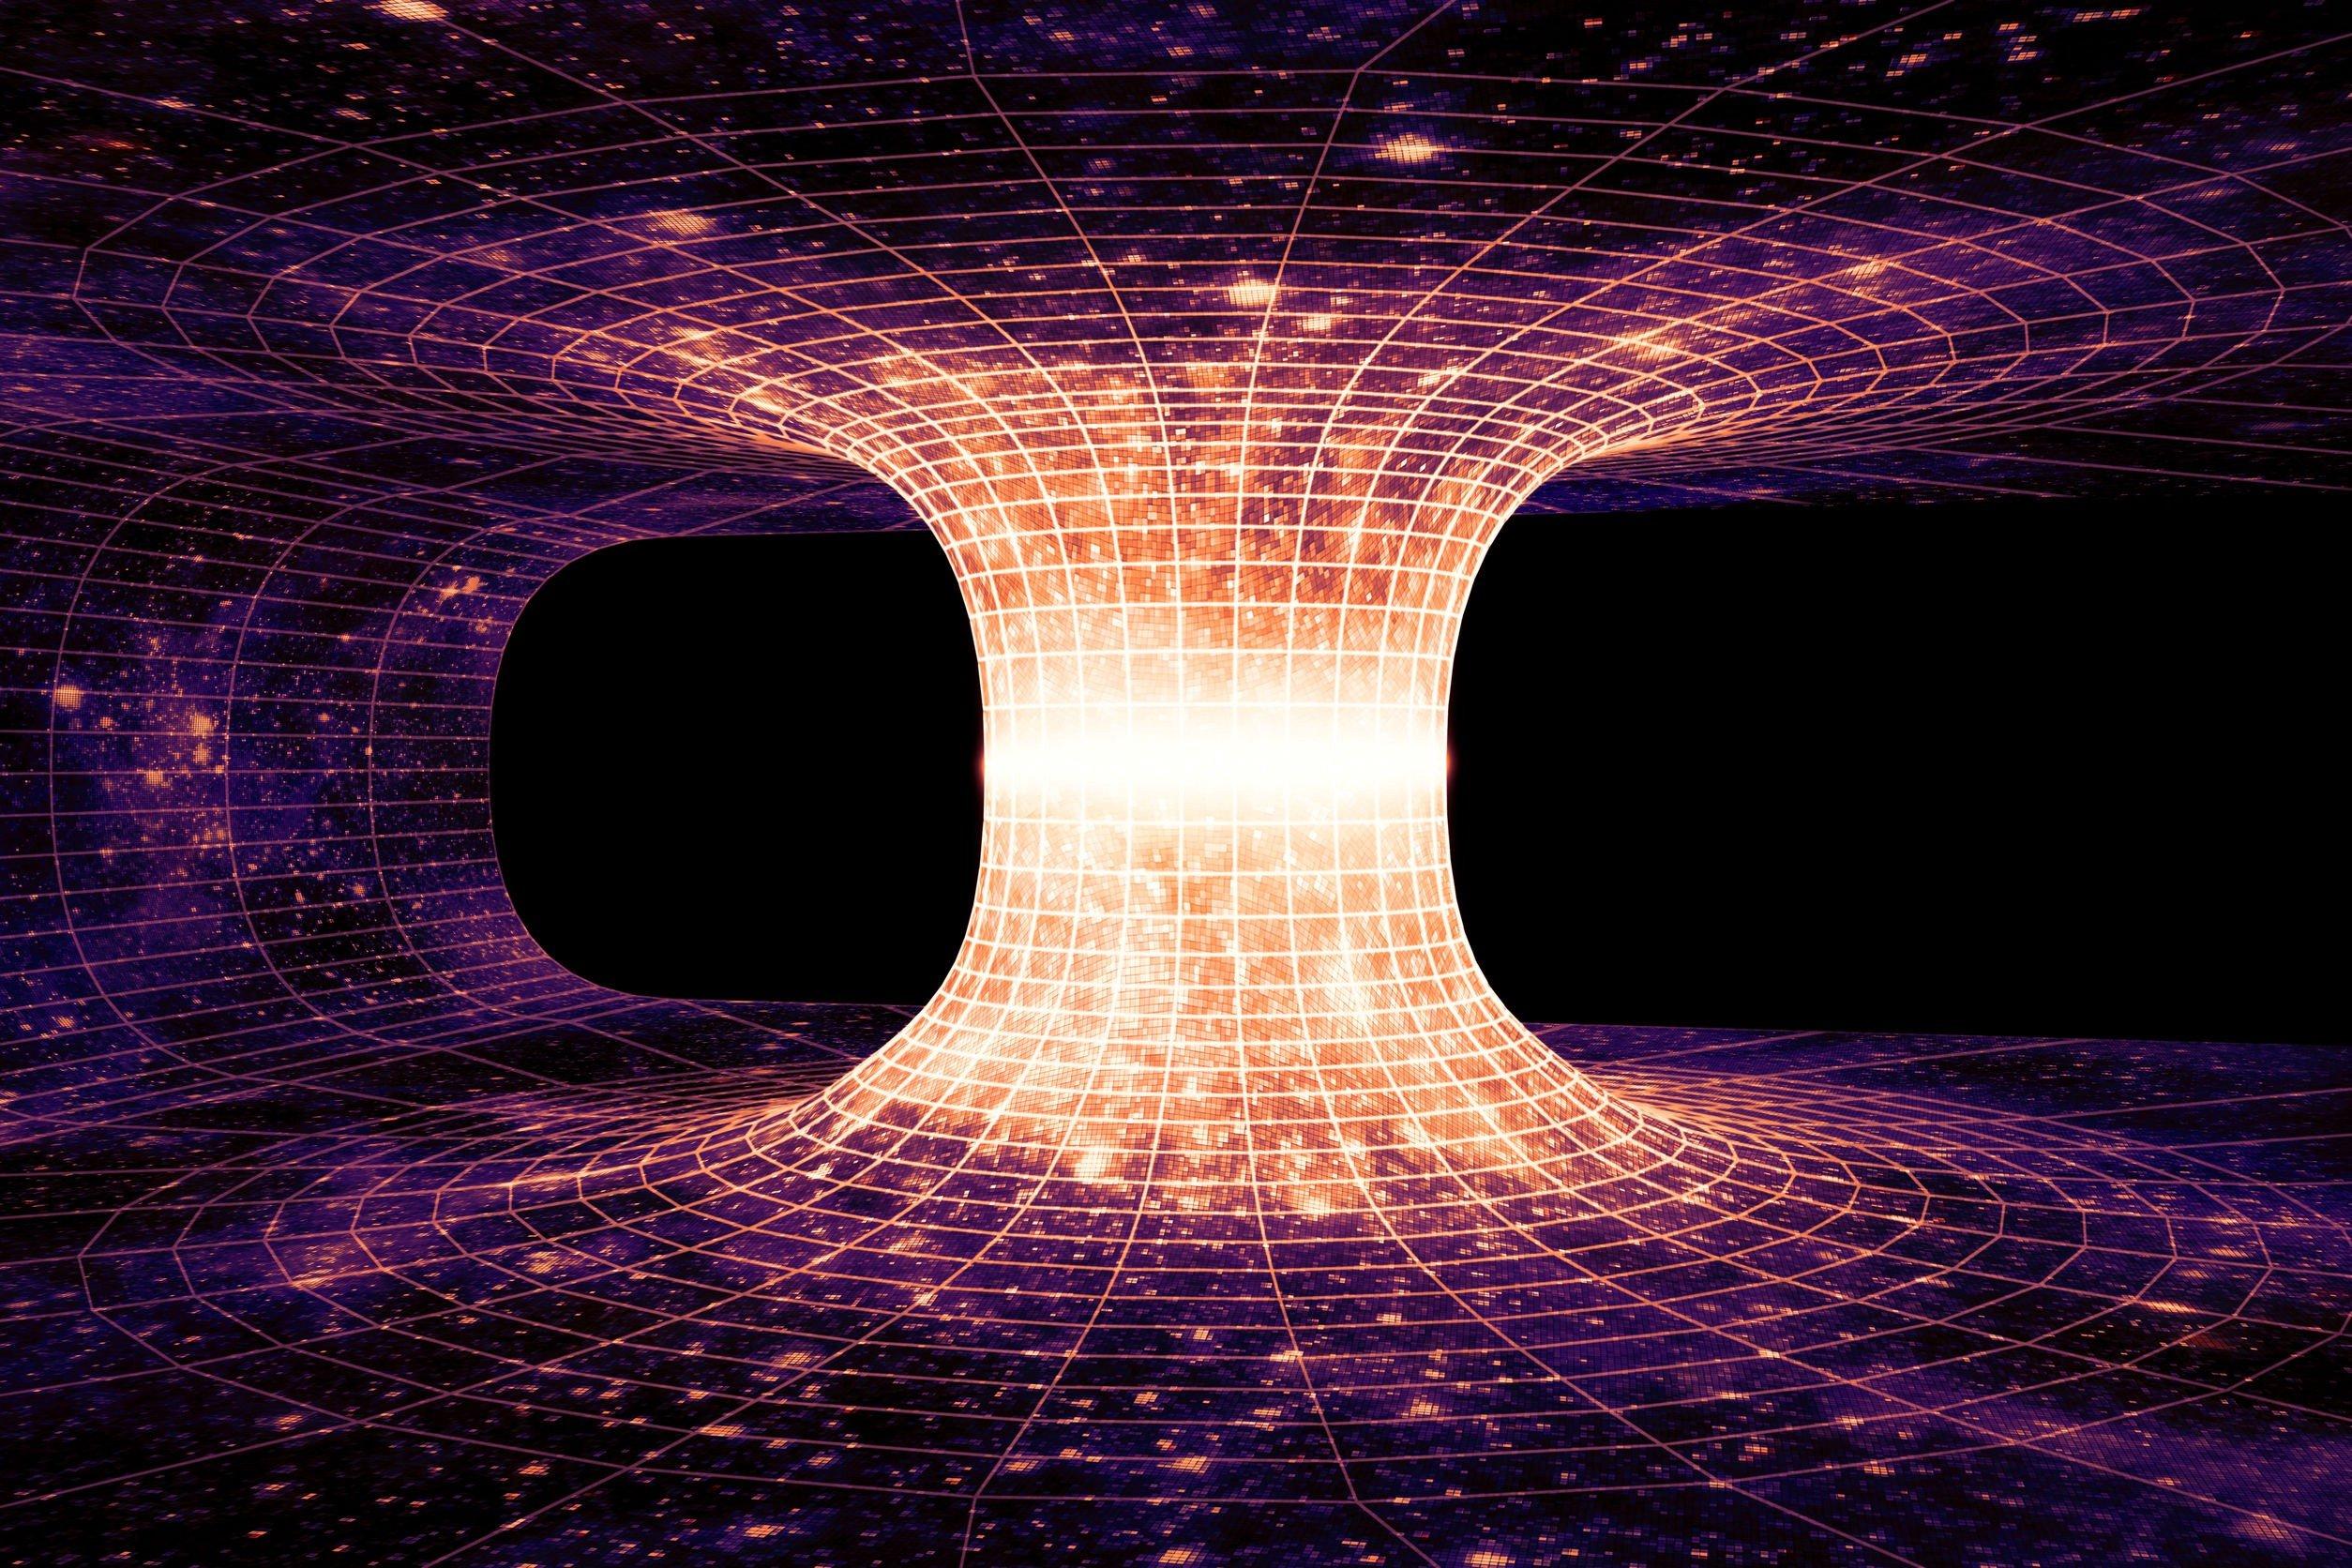 Ученые доказали теорию относительности Эйнштейна